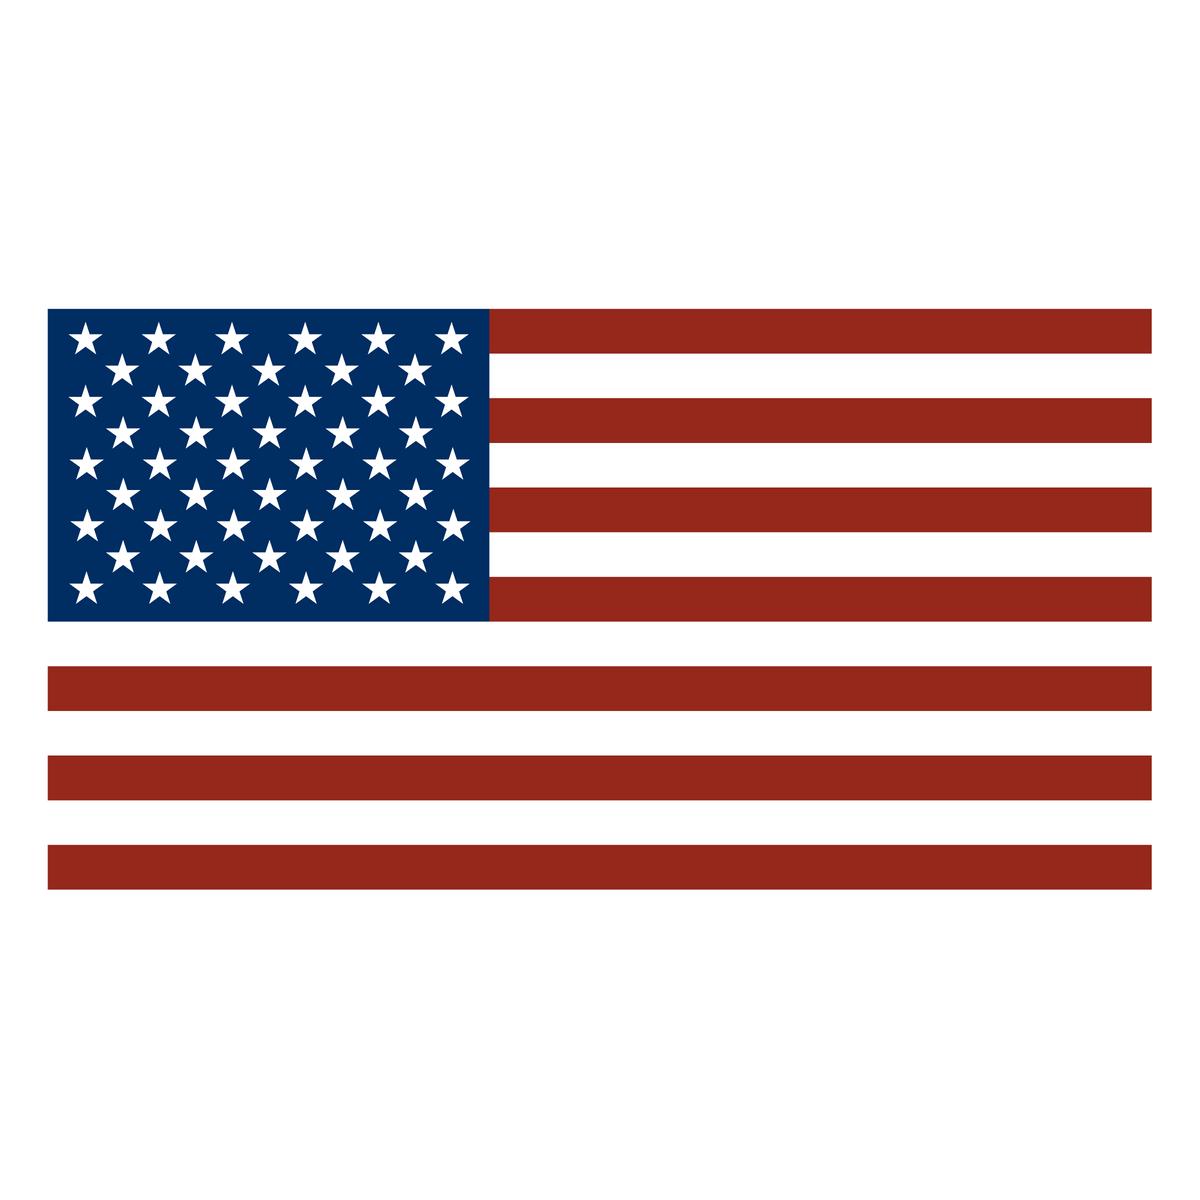 US Flag Color Matched to DTOM Flag